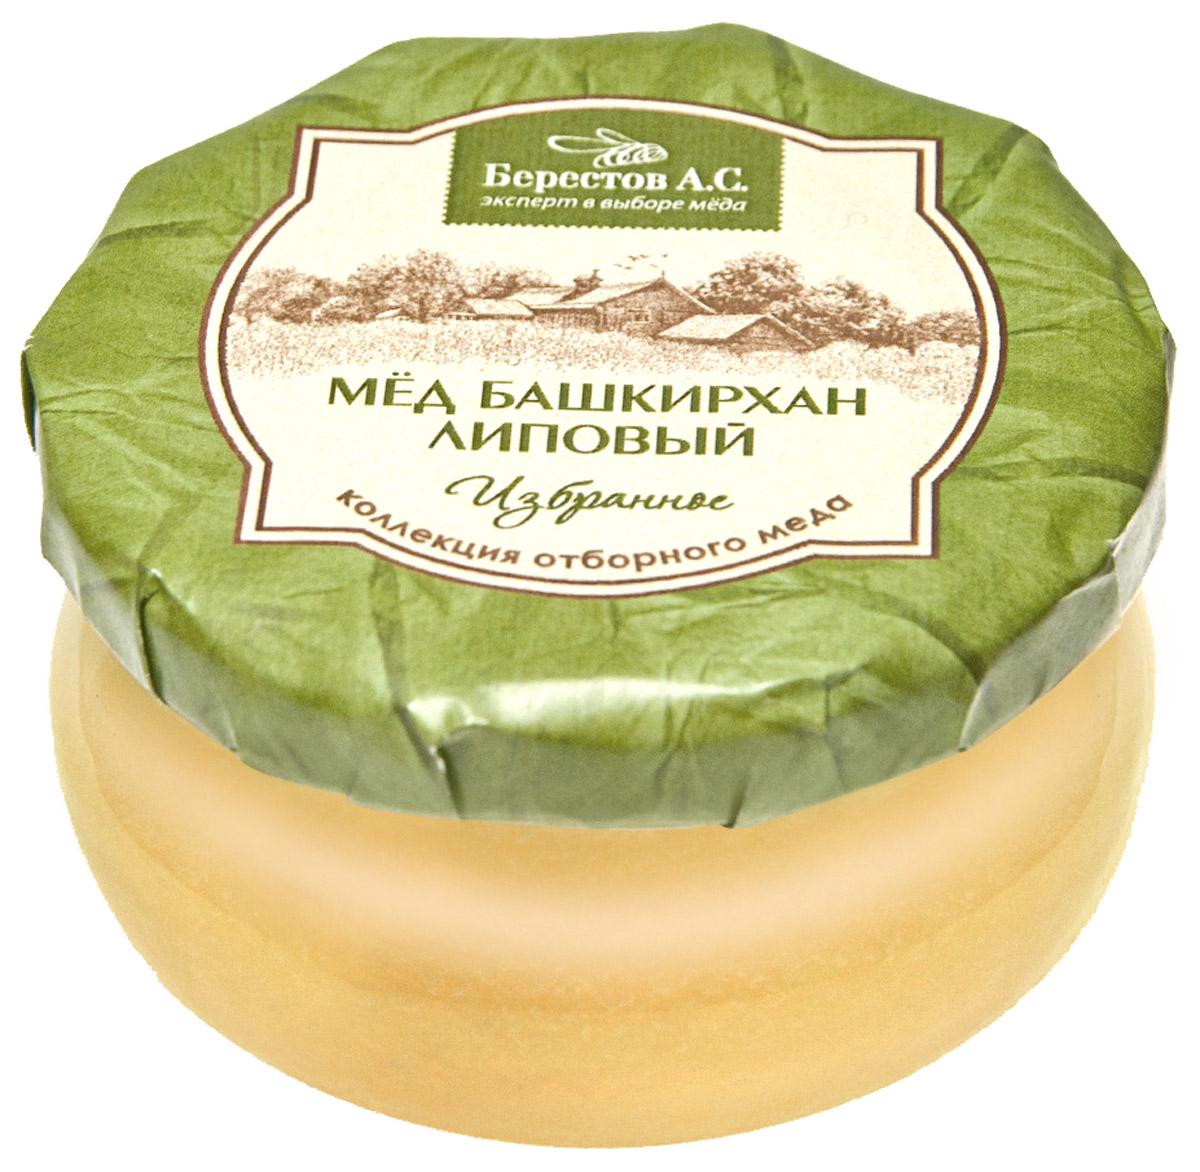 Берестов Мед Башкирхан Липовый, 100 г берестов мед башкирхан липовый 30 г